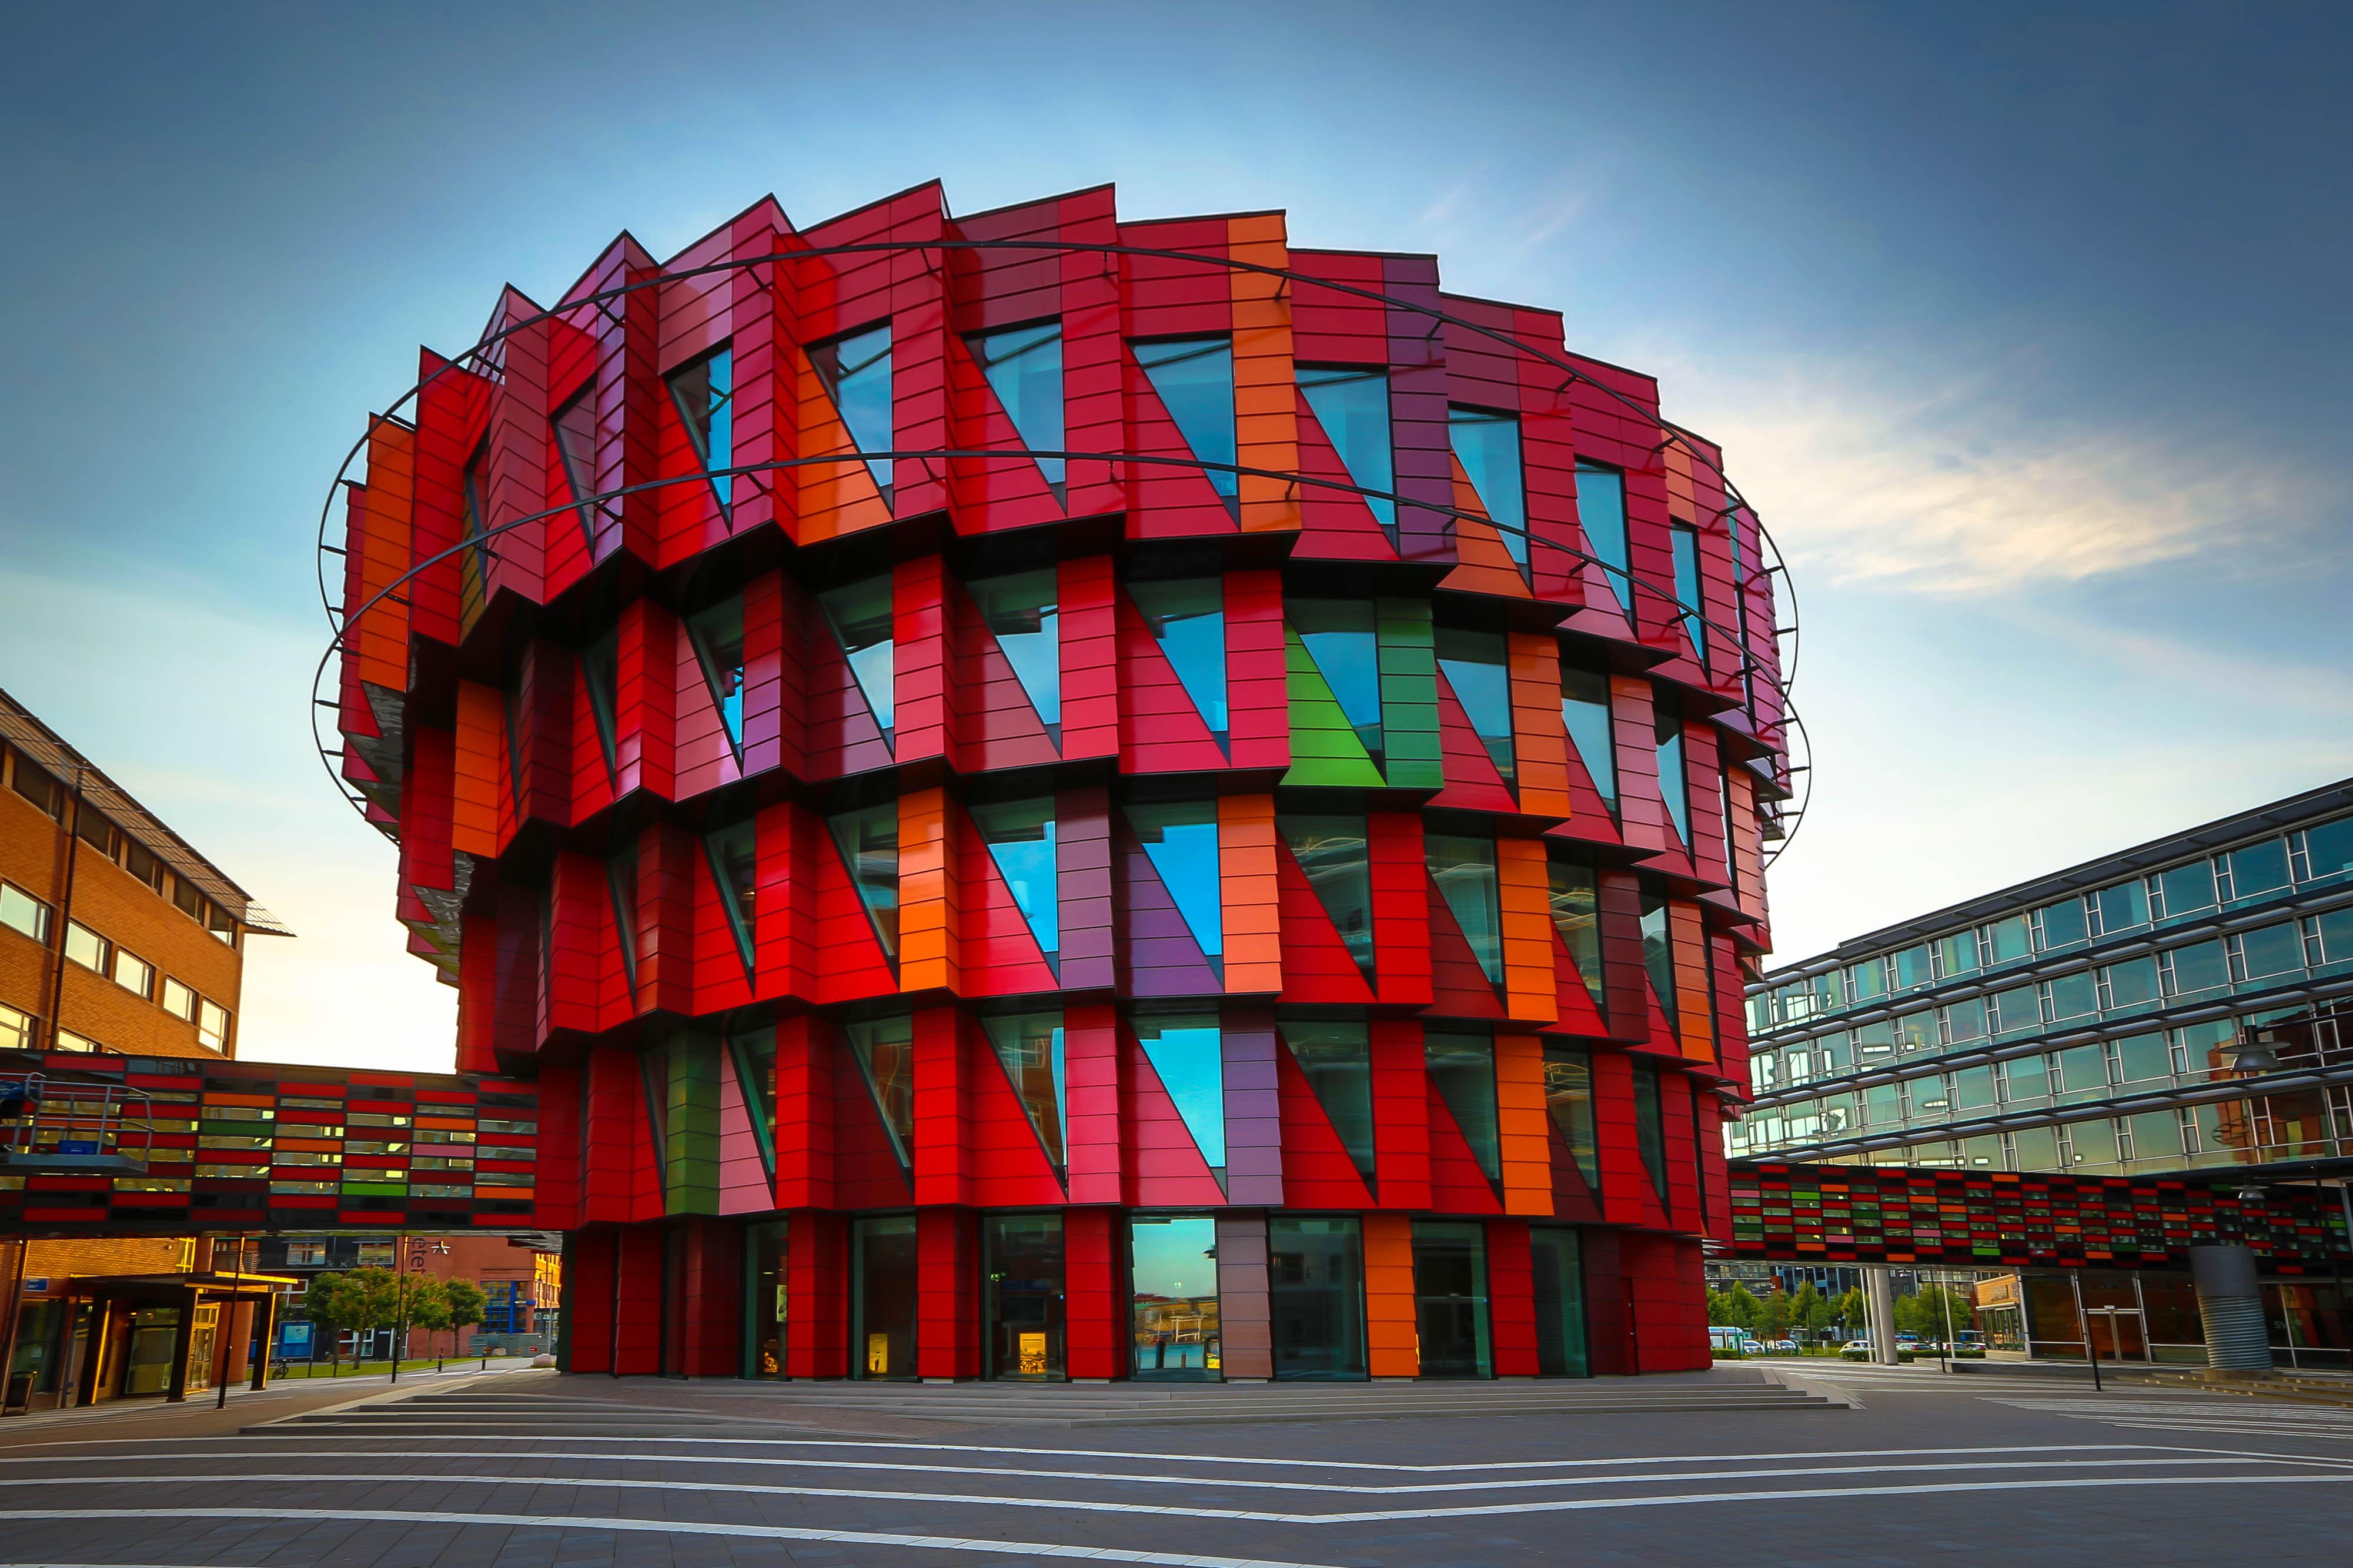 вынули самые необычные здания в россии фото мечта твоя